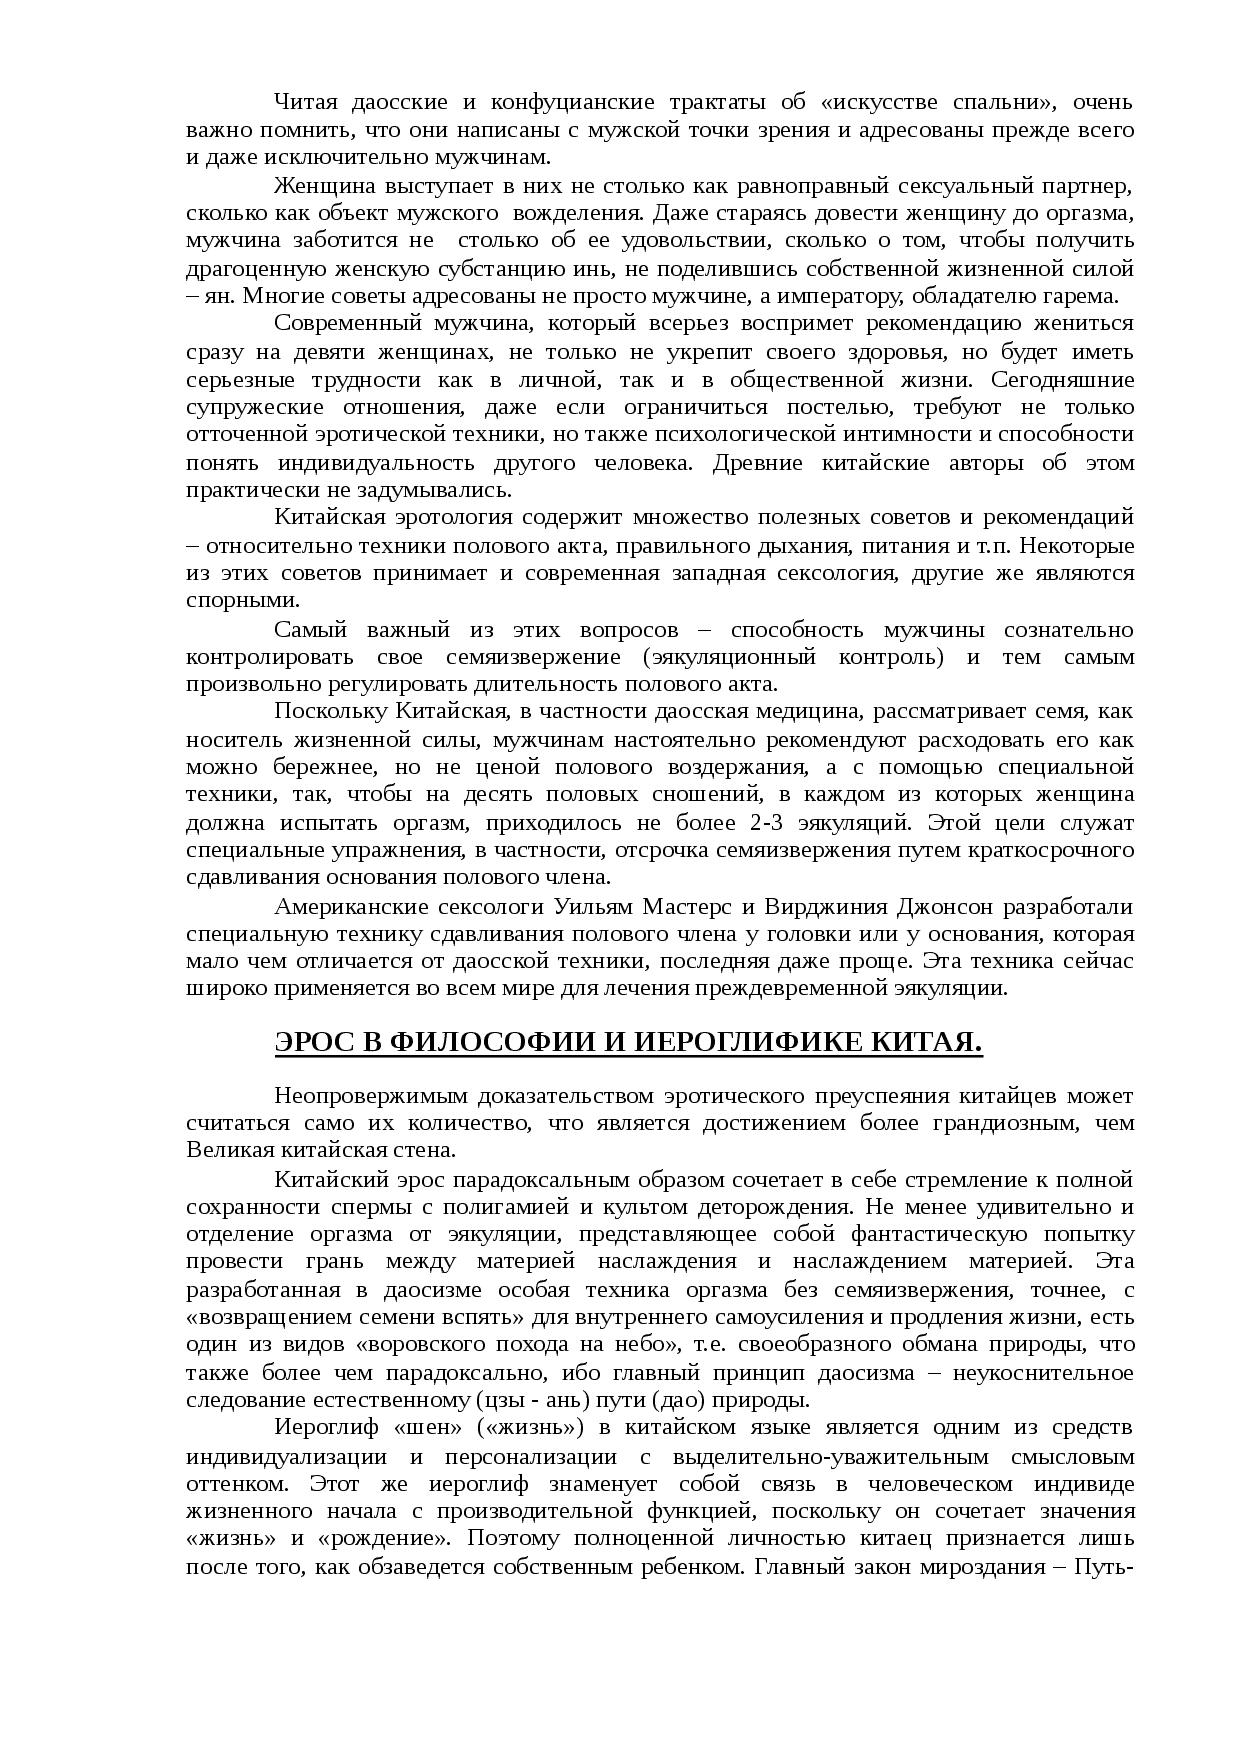 Сухой оргазм у мужчин: норма или патология, тренировки